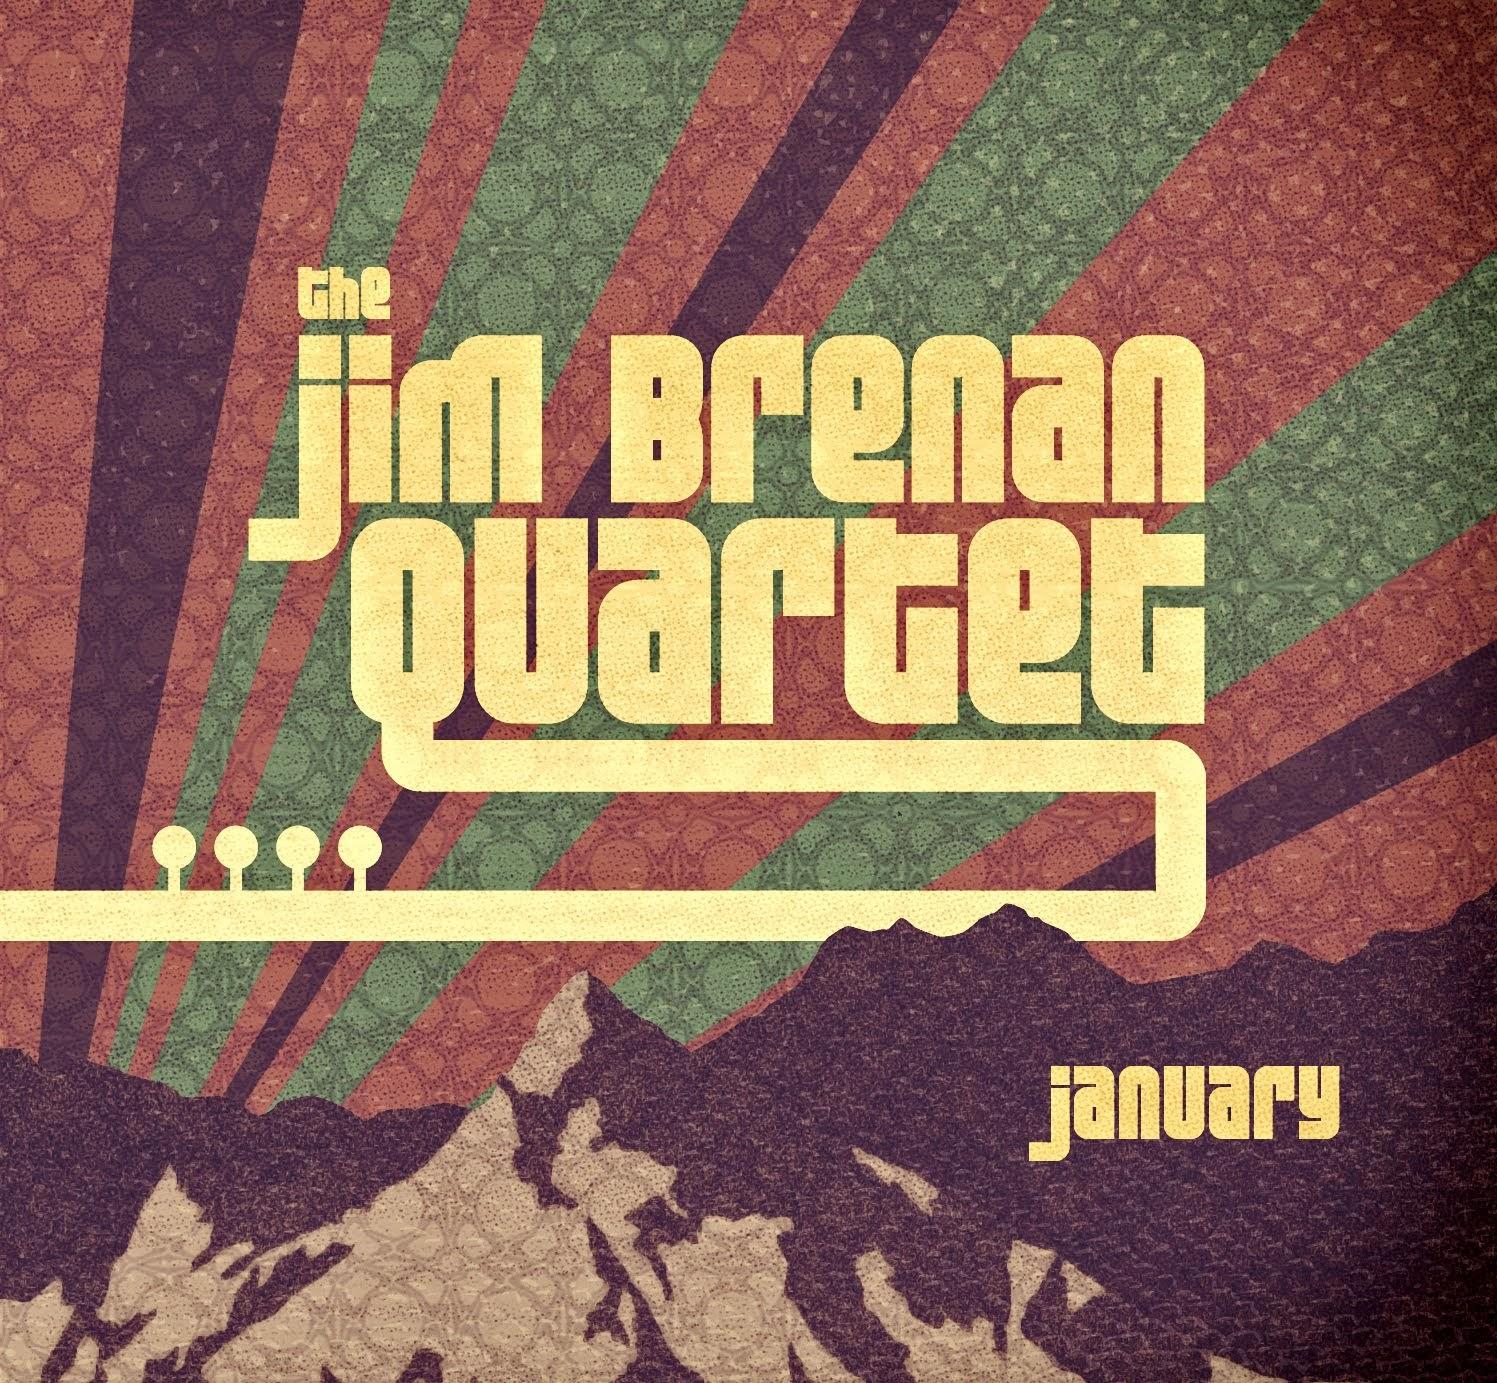 Jim Brenan January